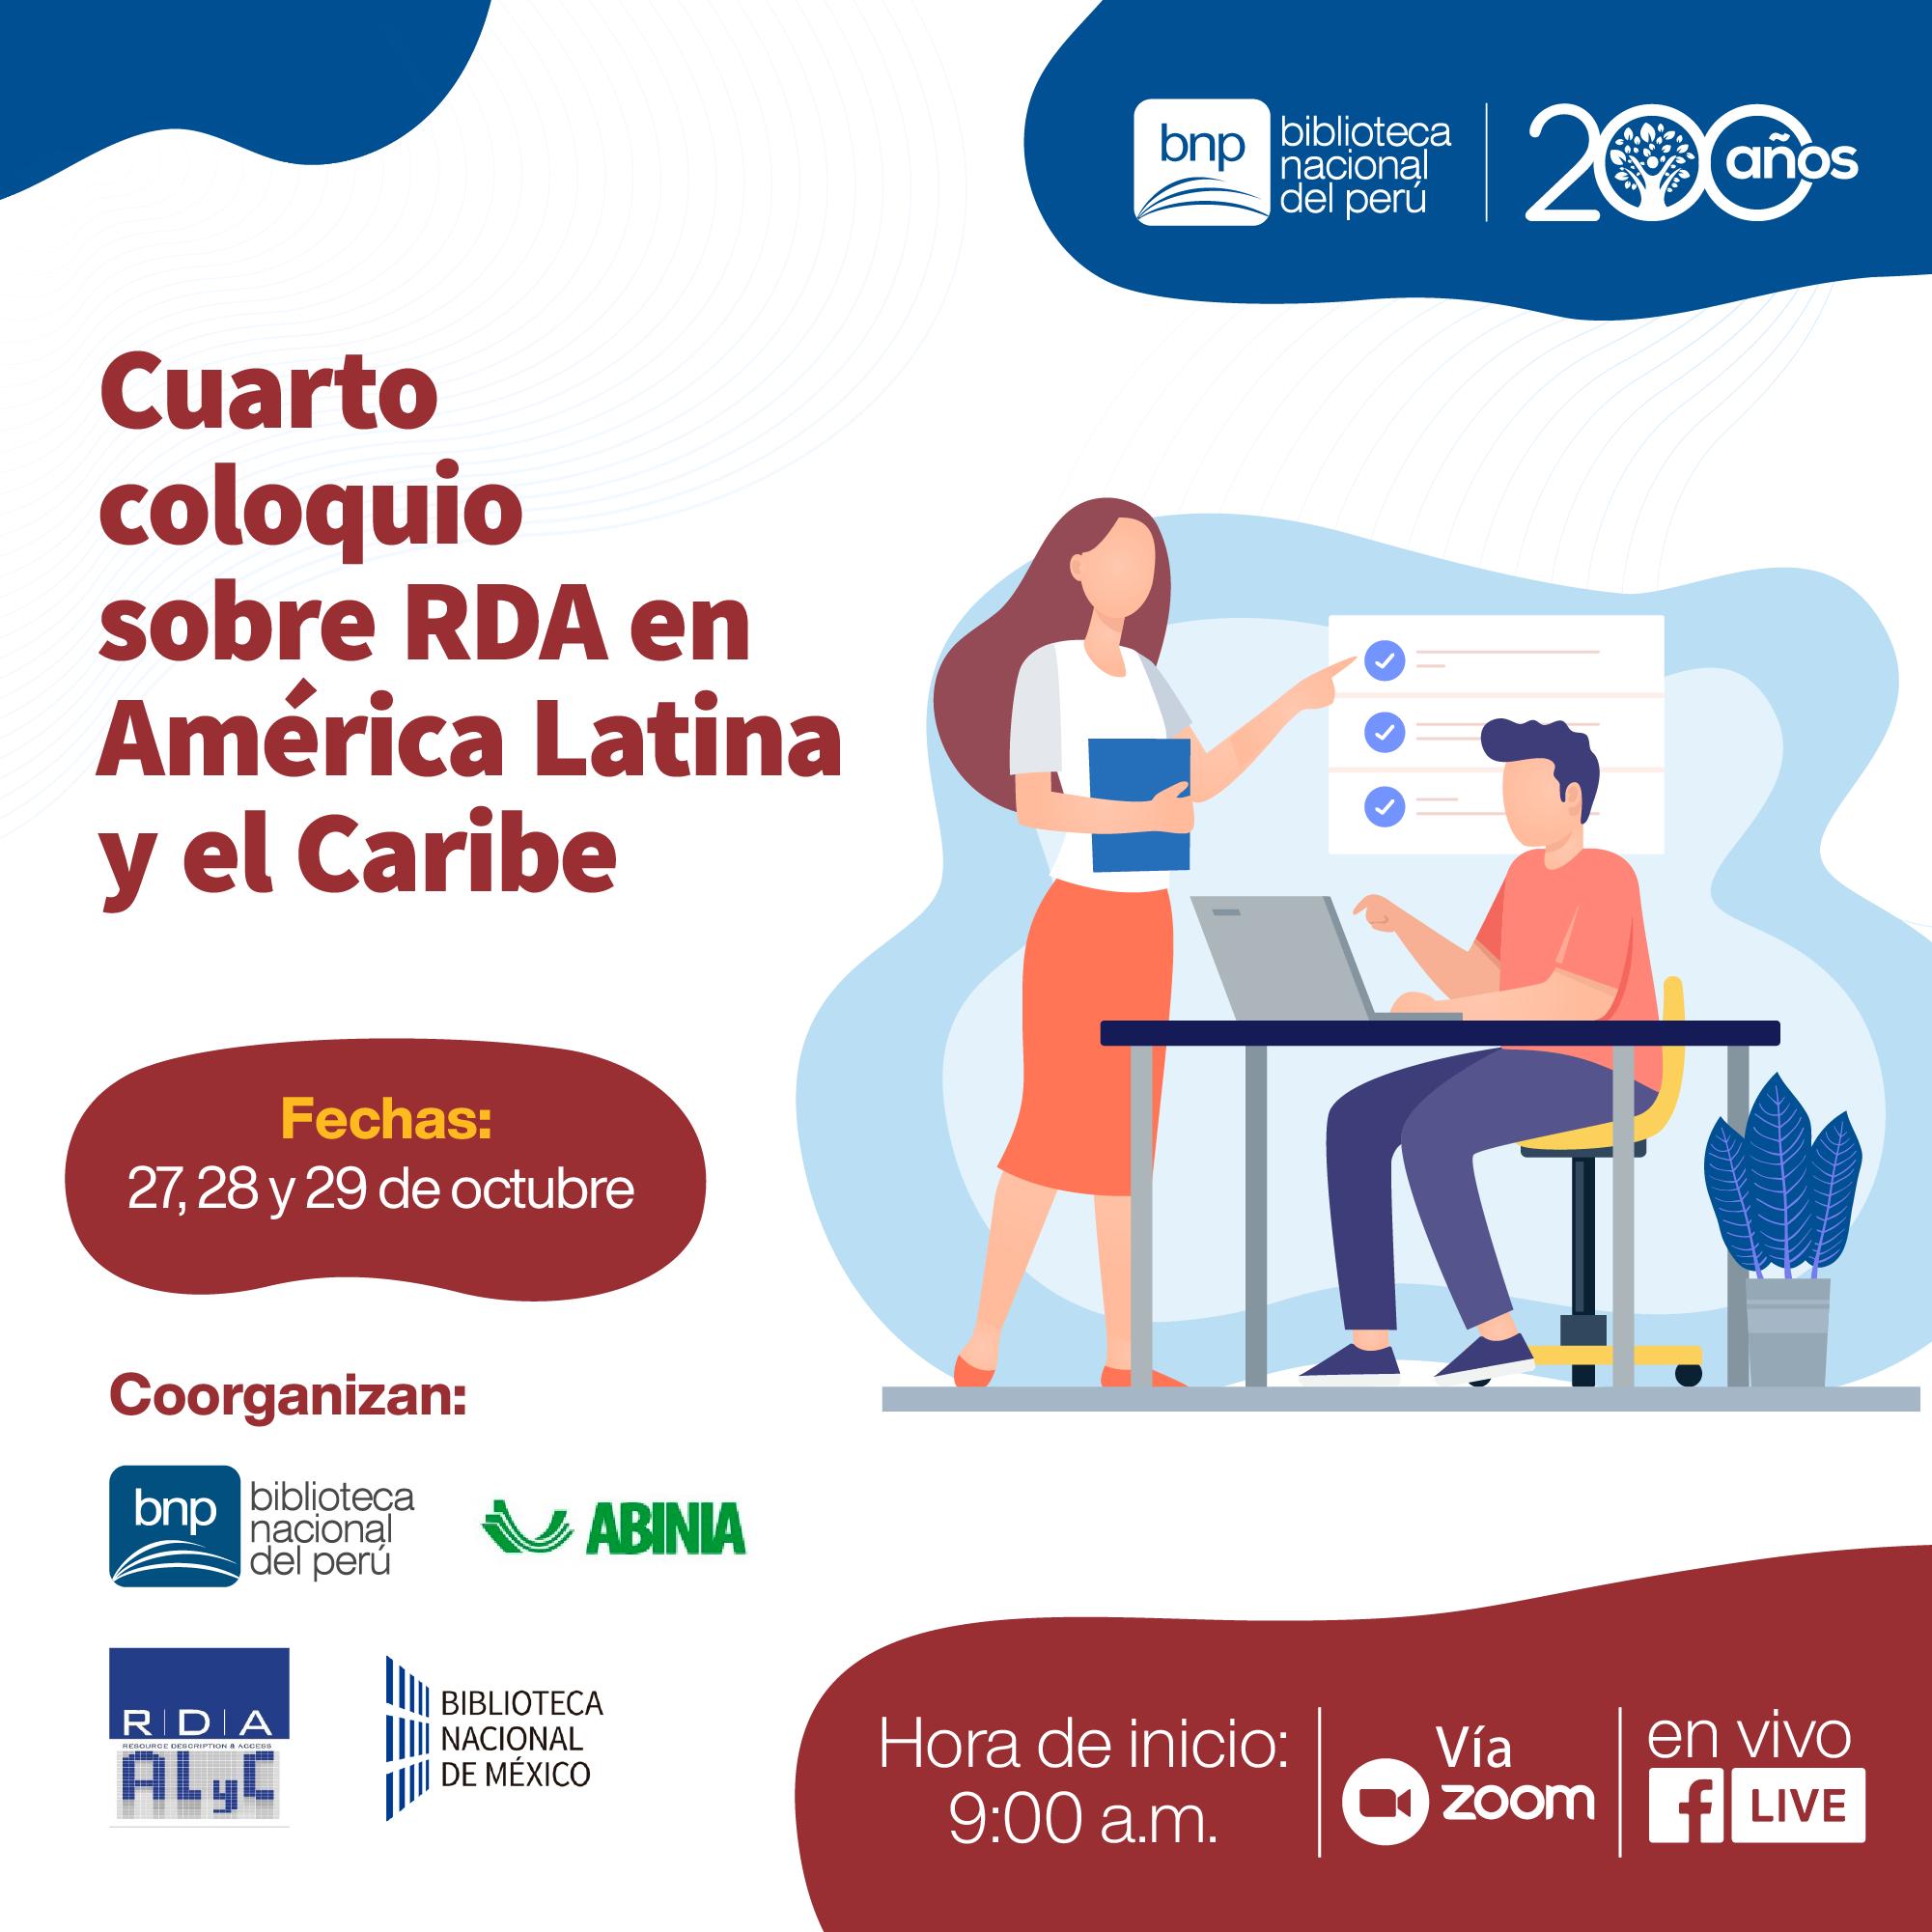 4to Coloquio sobre RDA en Amèrica Latina y el Caribe